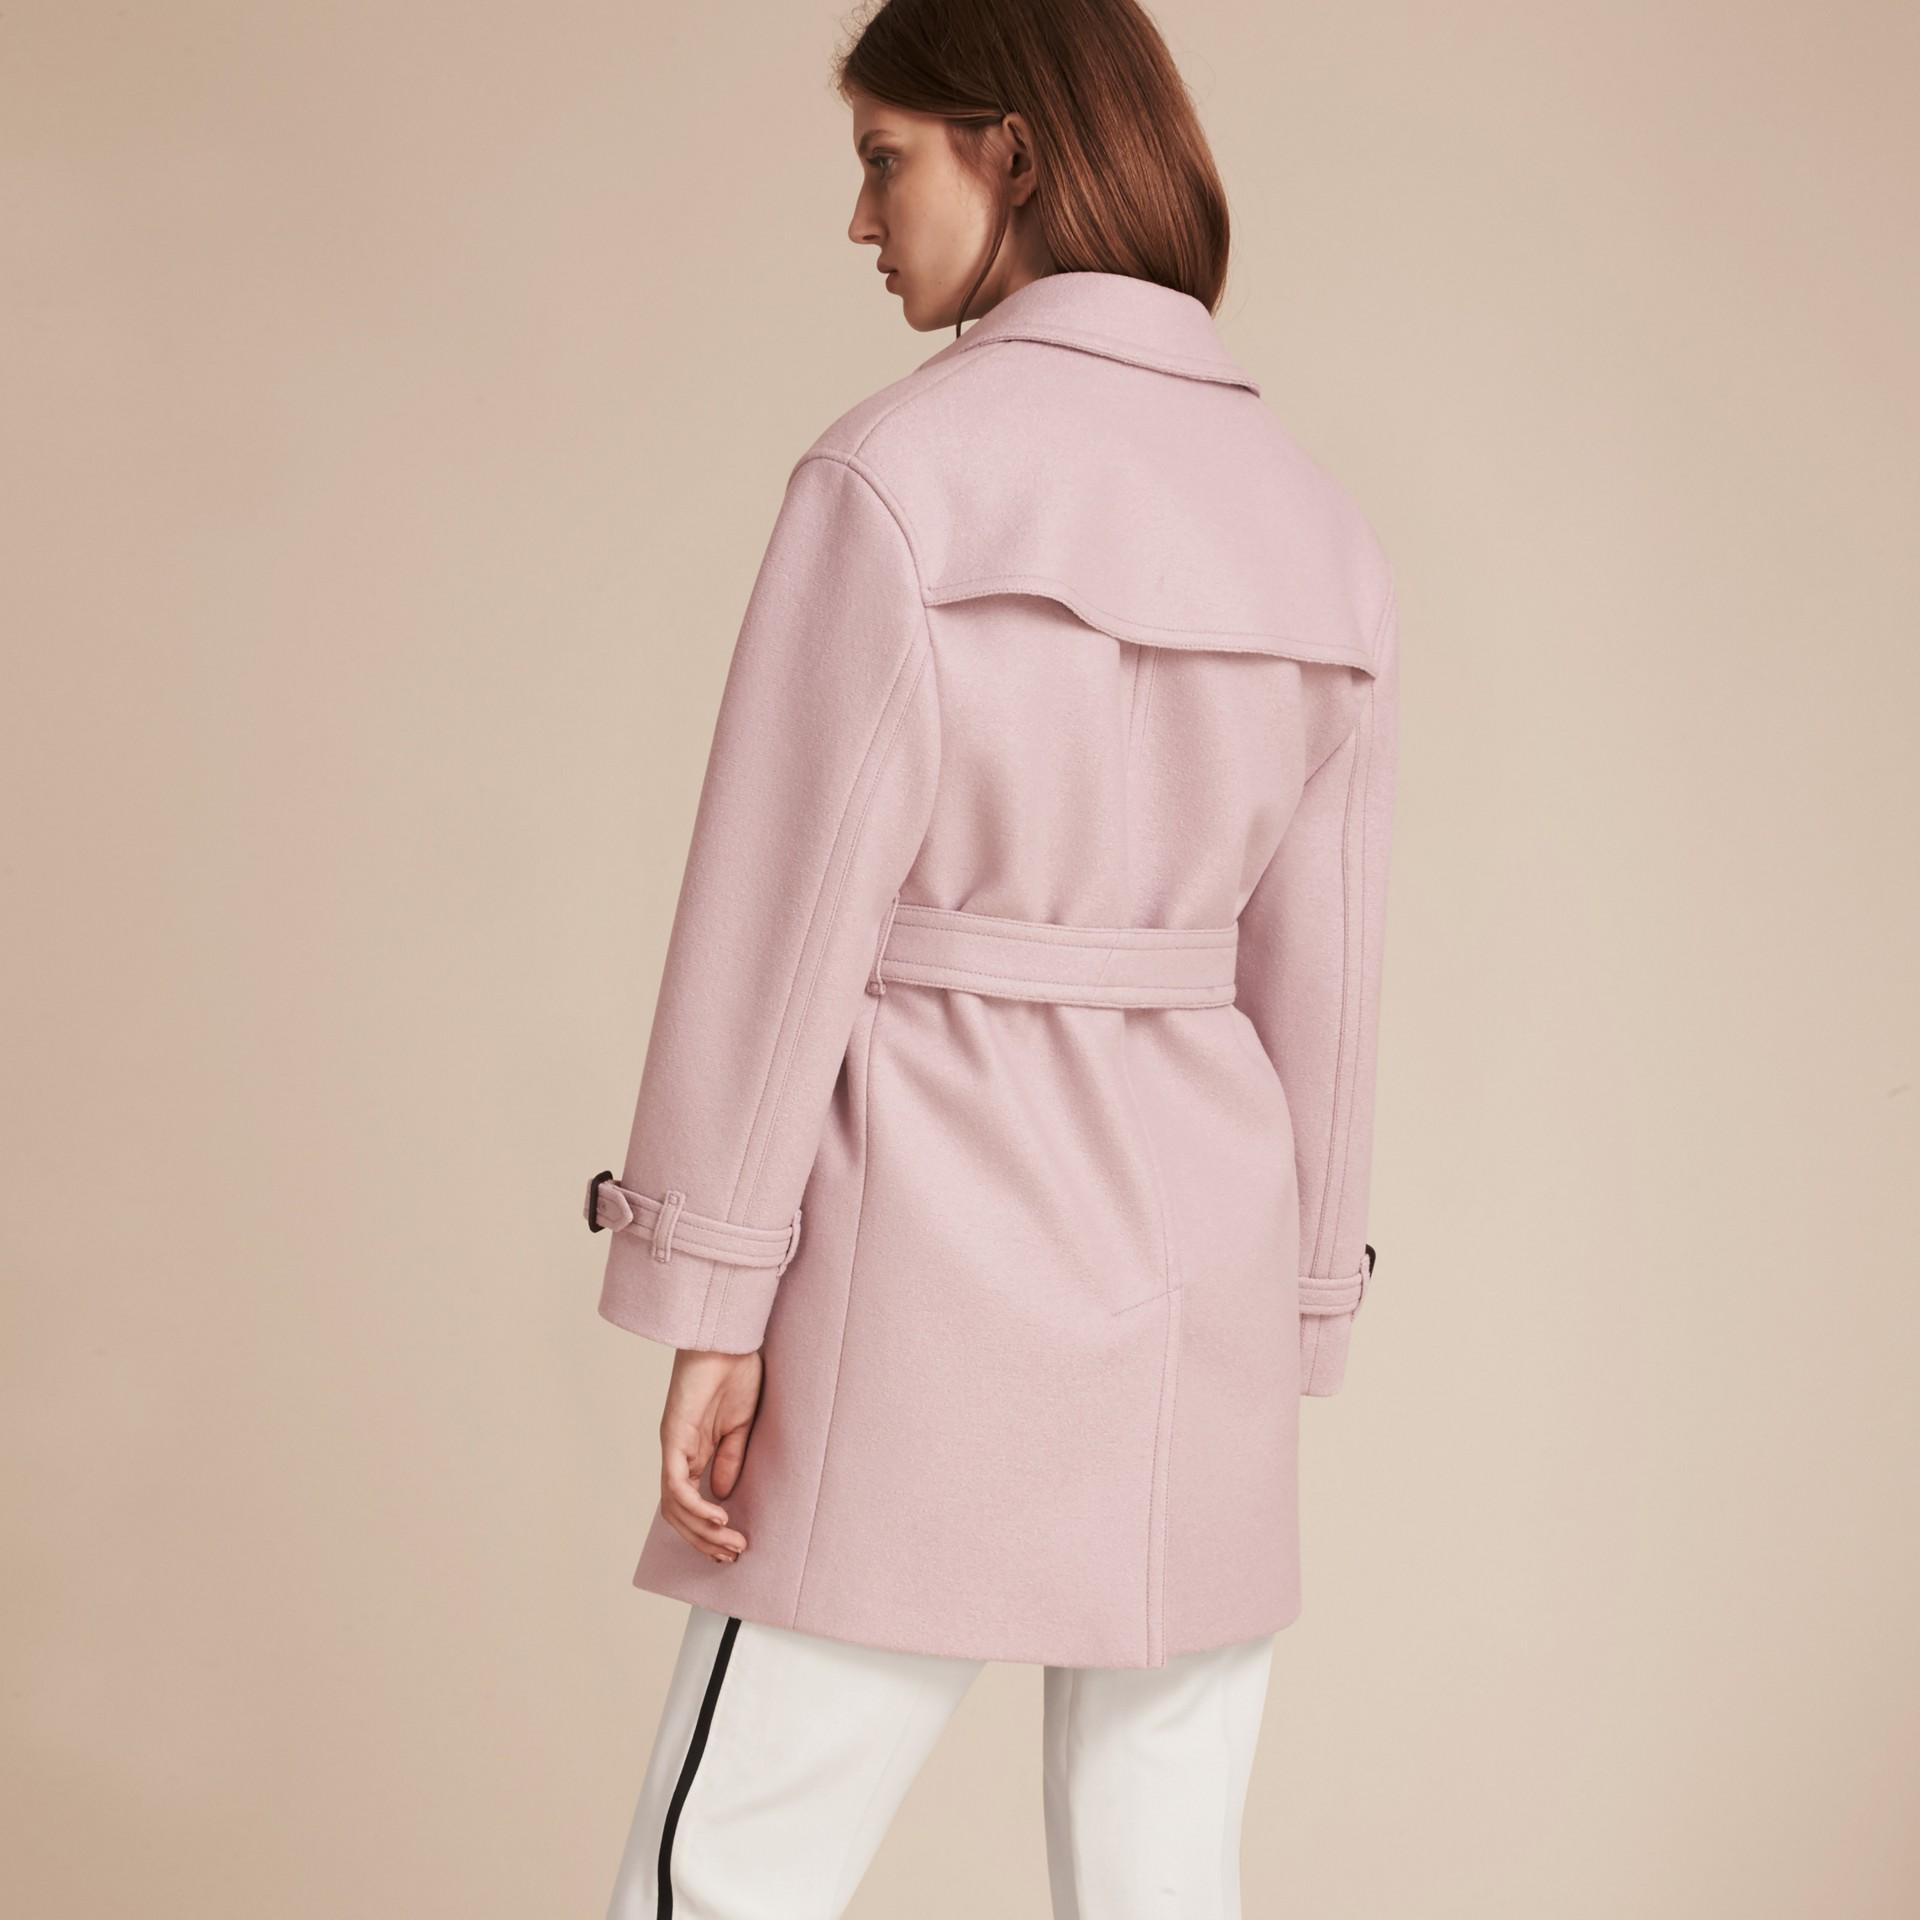 淡紫色 羊毛裹身風衣 - 圖庫照片 3